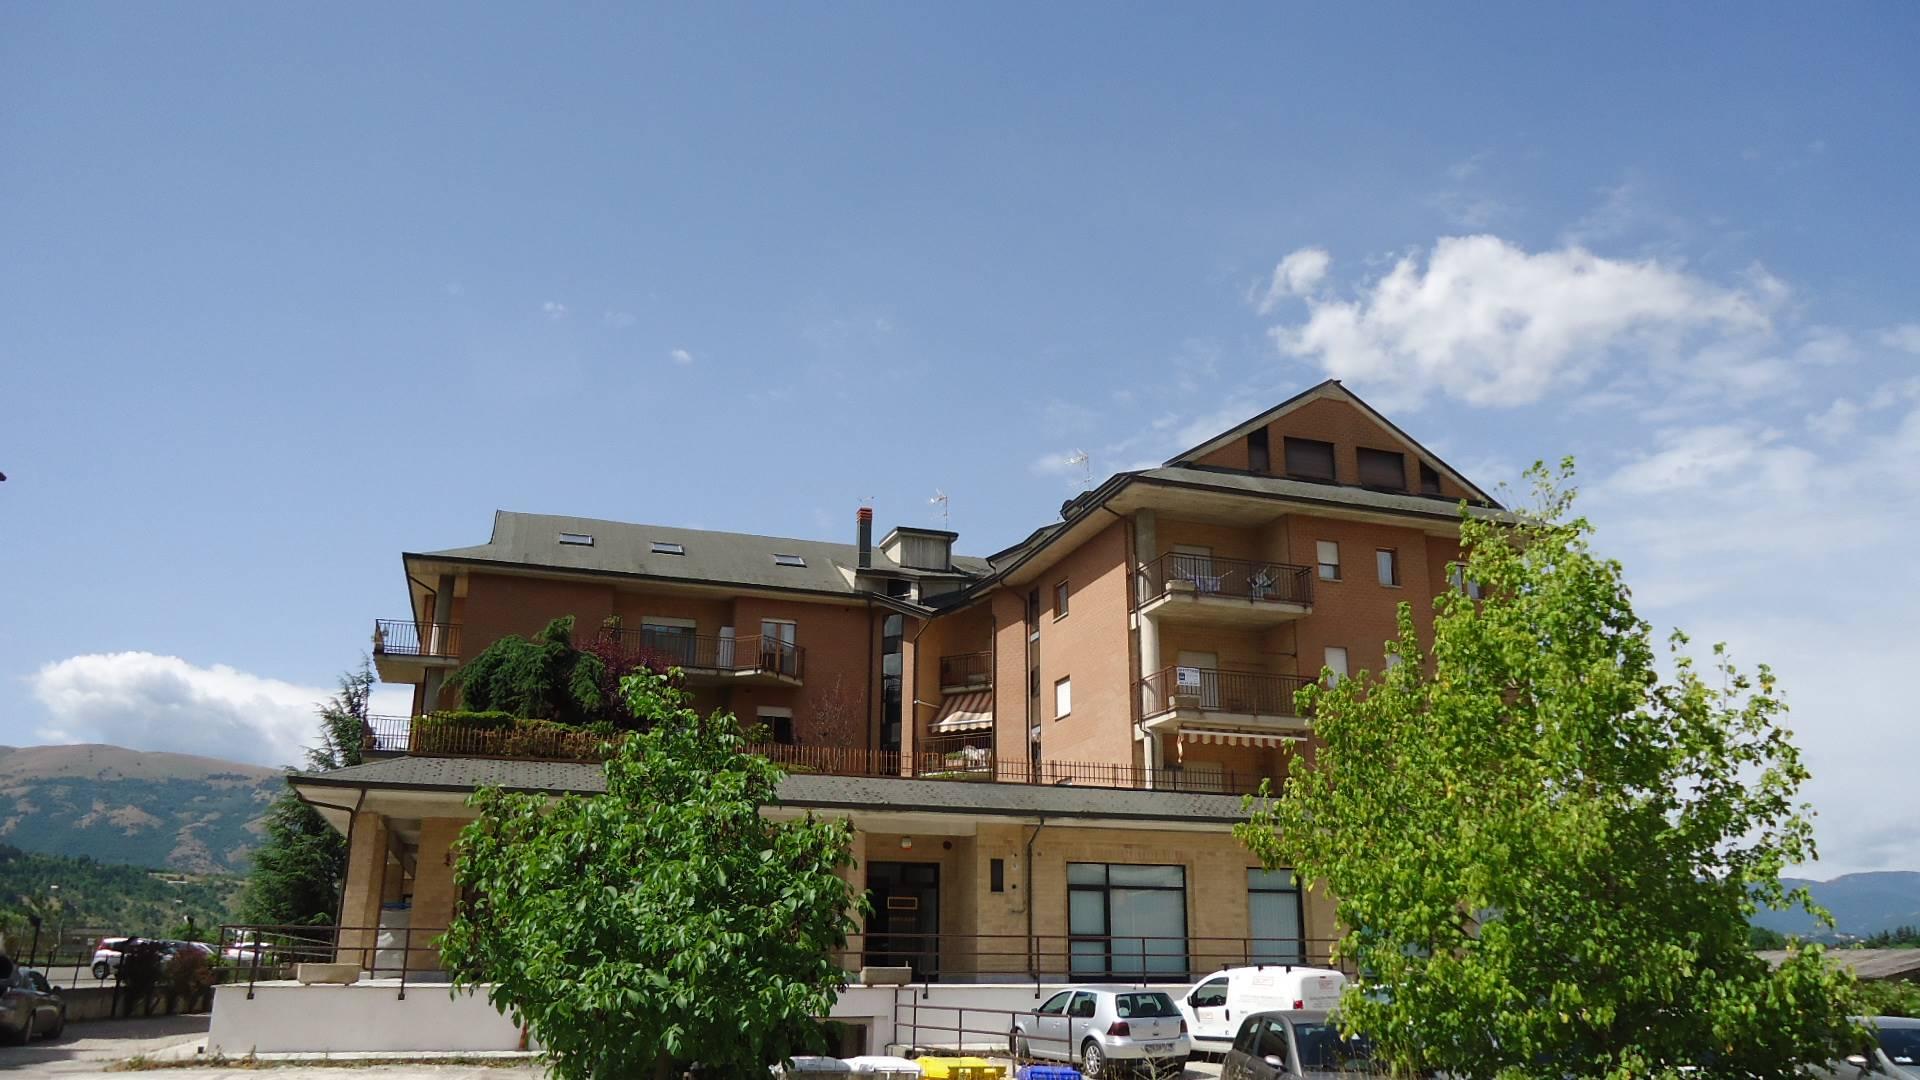 Appartamento in affitto a L'Aquila, 4 locali, zona Zona: Pettino, prezzo € 180 | CambioCasa.it